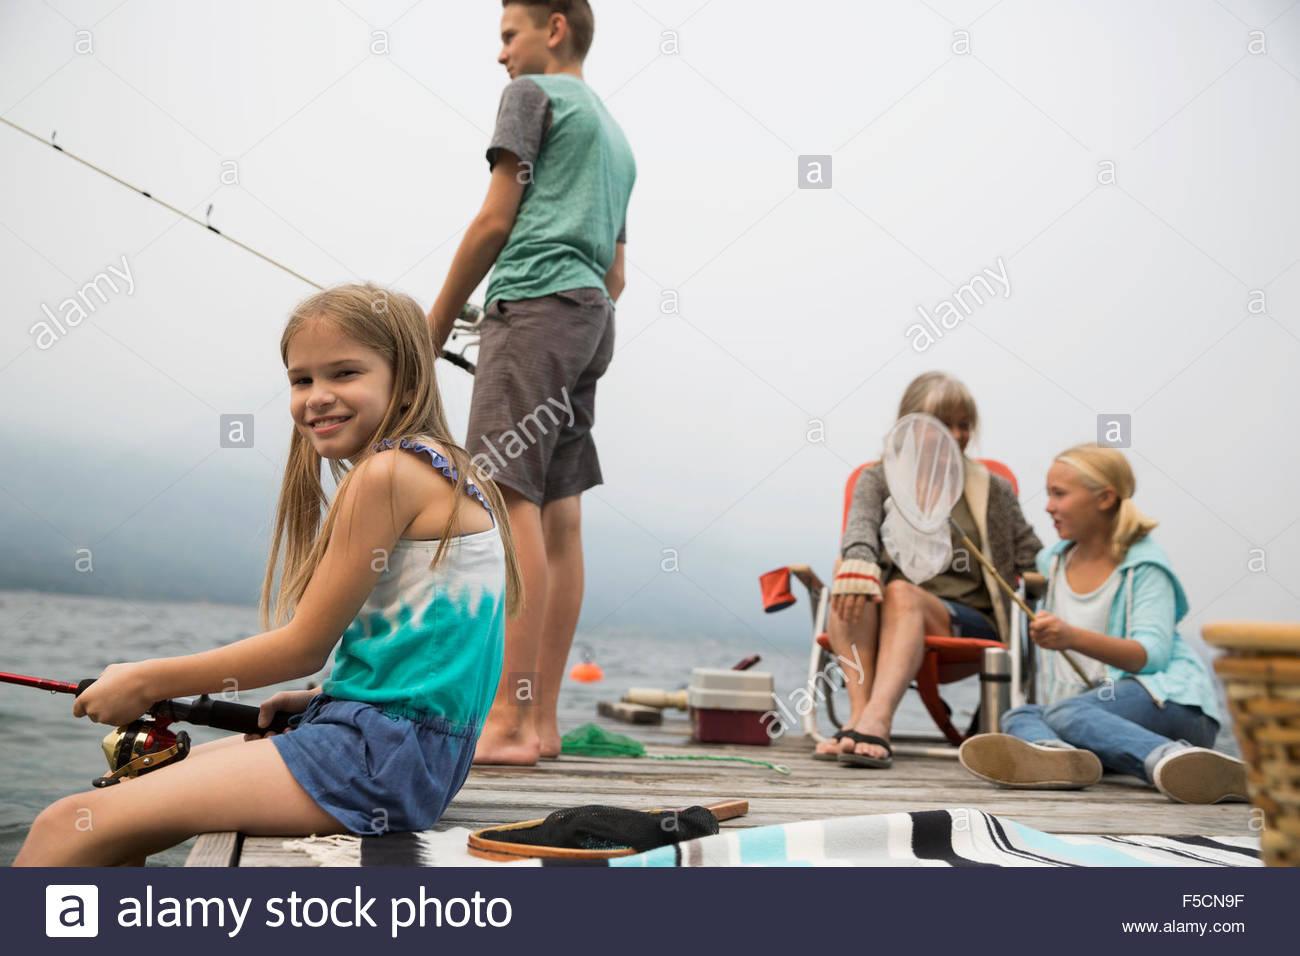 Abuela y nietos de pescar en el lago dock Imagen De Stock